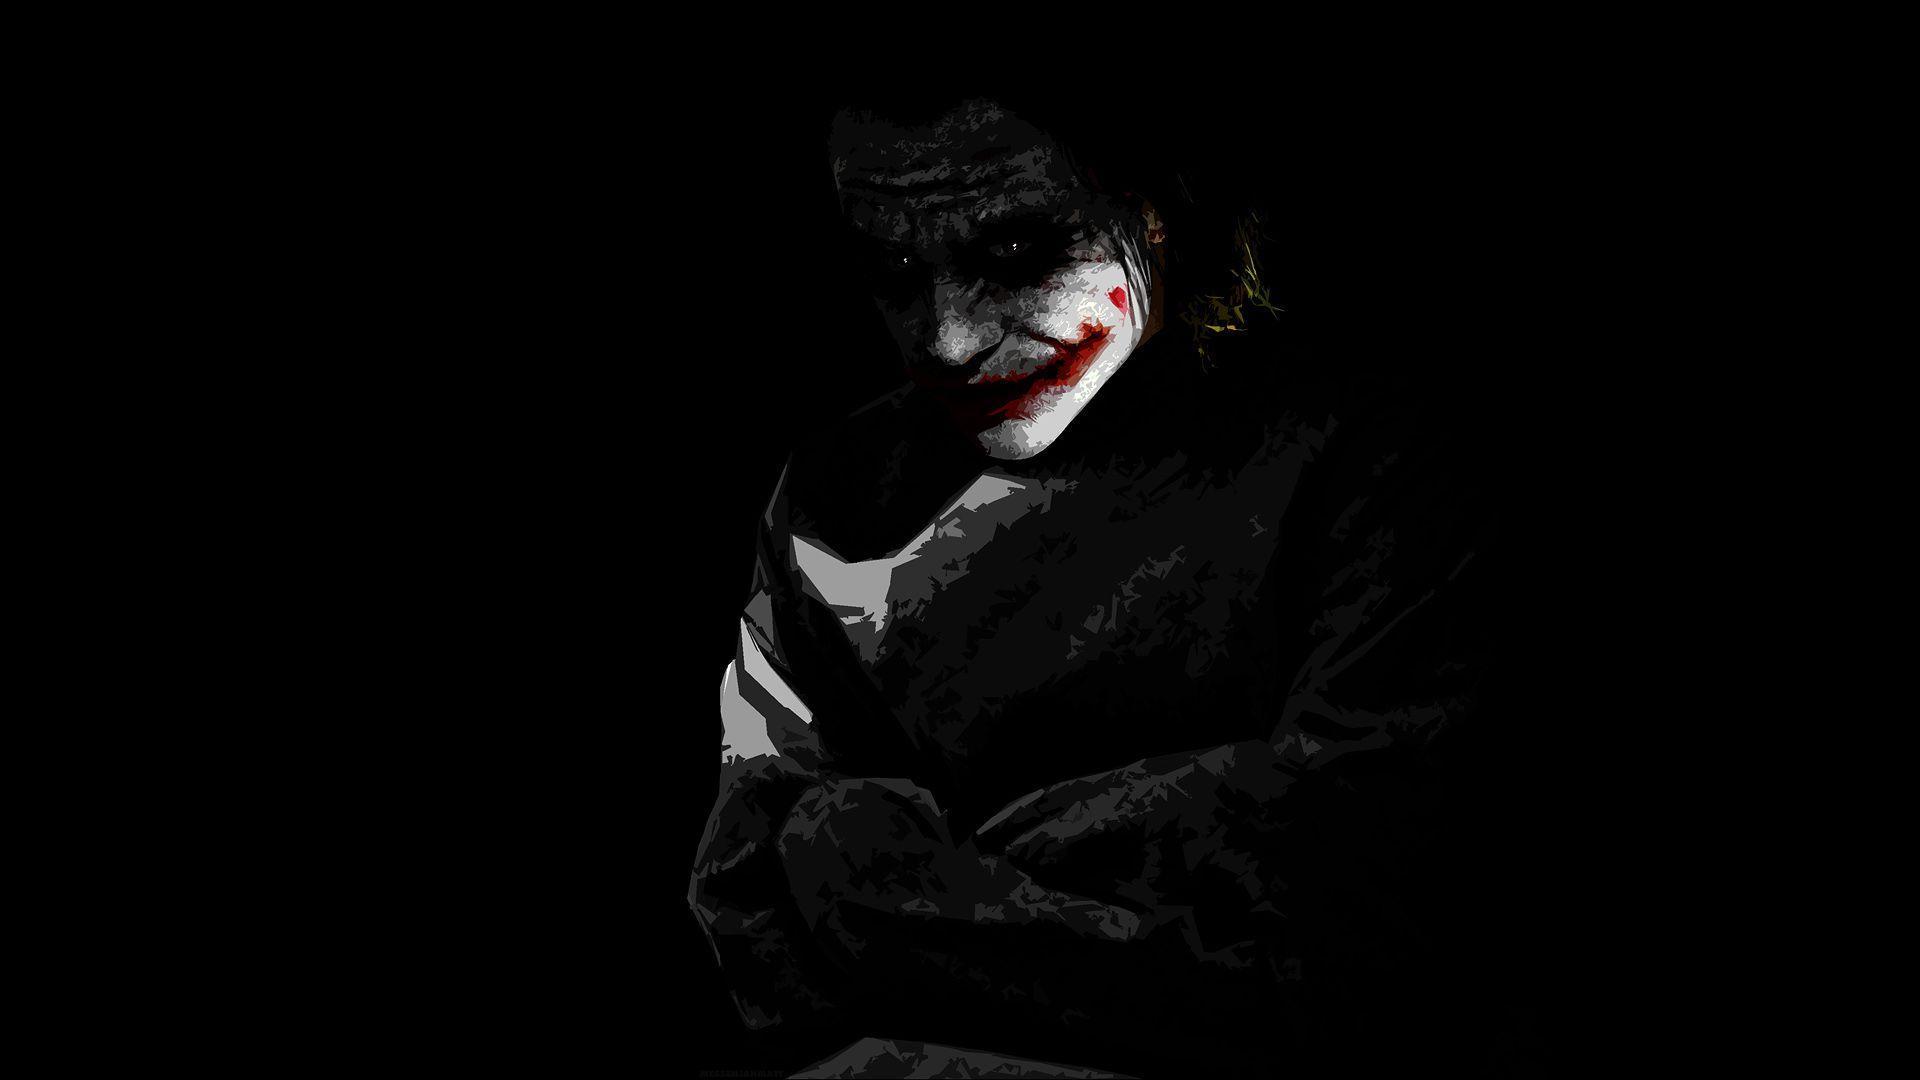 Hd wallpaper of joker - 1443275 Jpg